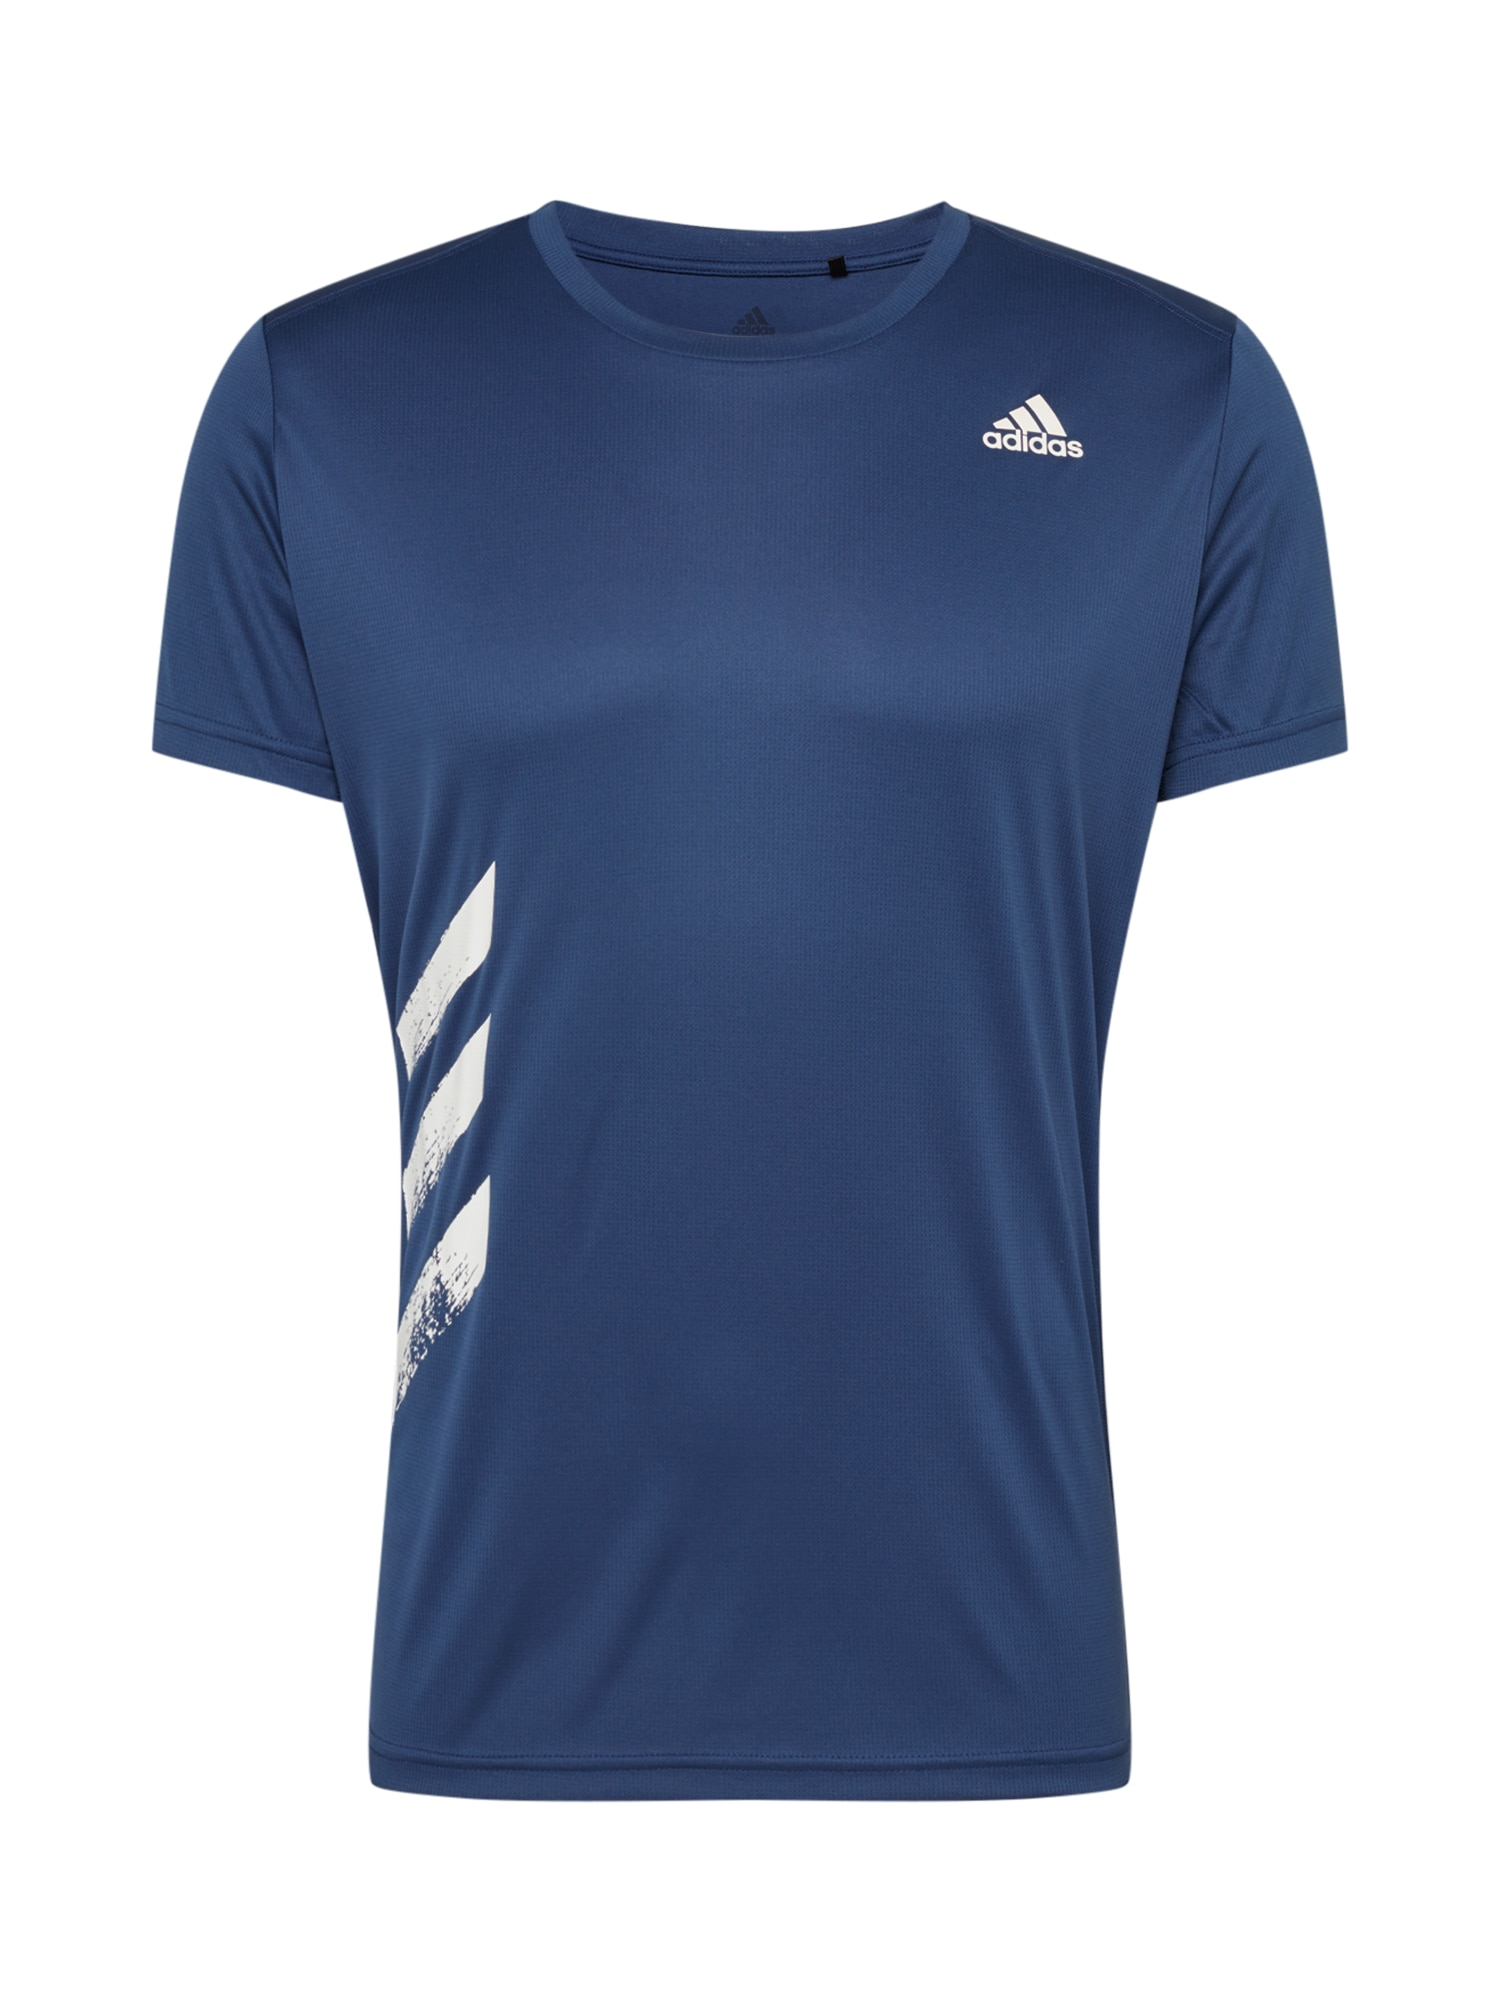 ADIDAS PERFORMANCE Sportiniai marškinėliai mėlyna